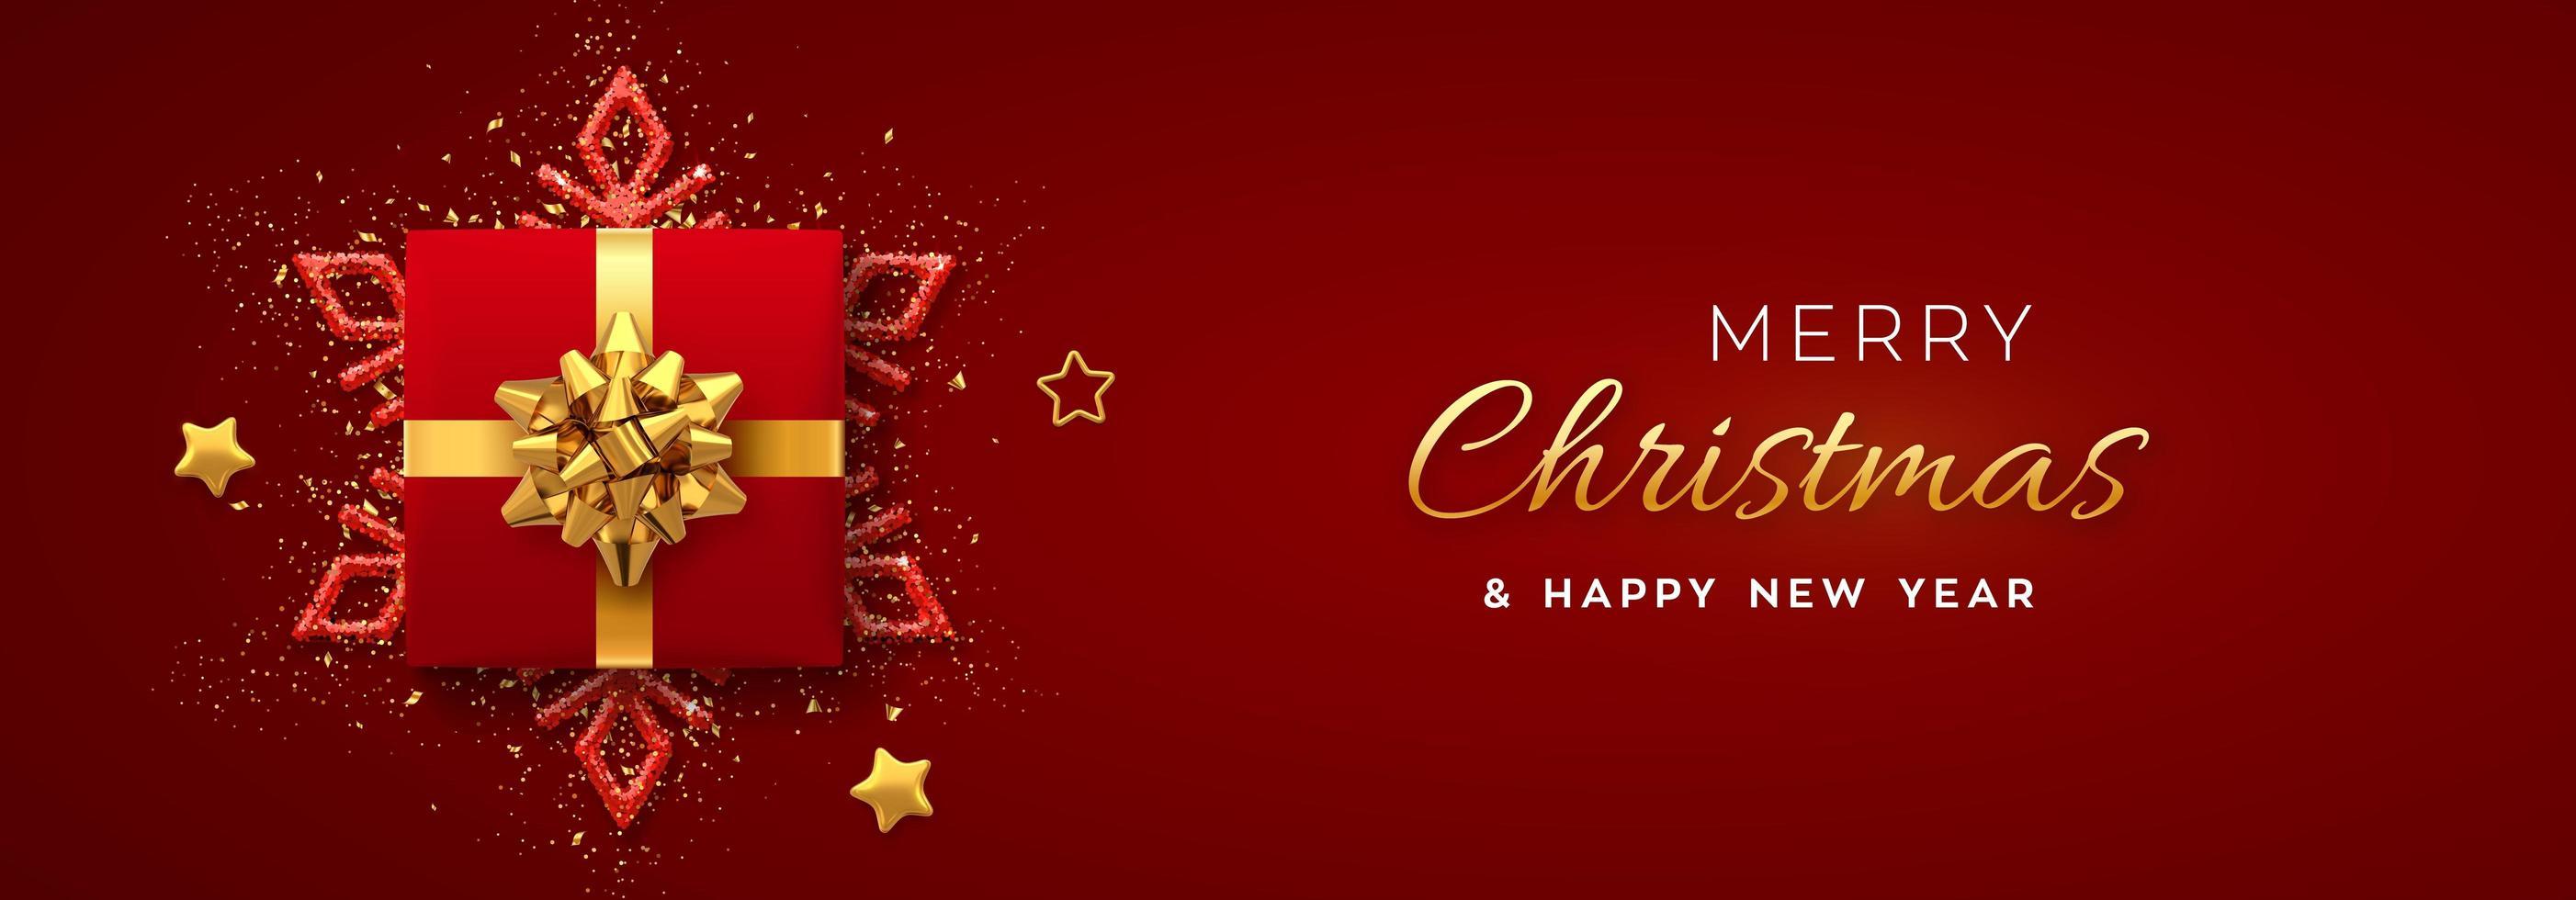 bannière de Noël. coffret cadeau rouge avec noeud doré vecteur